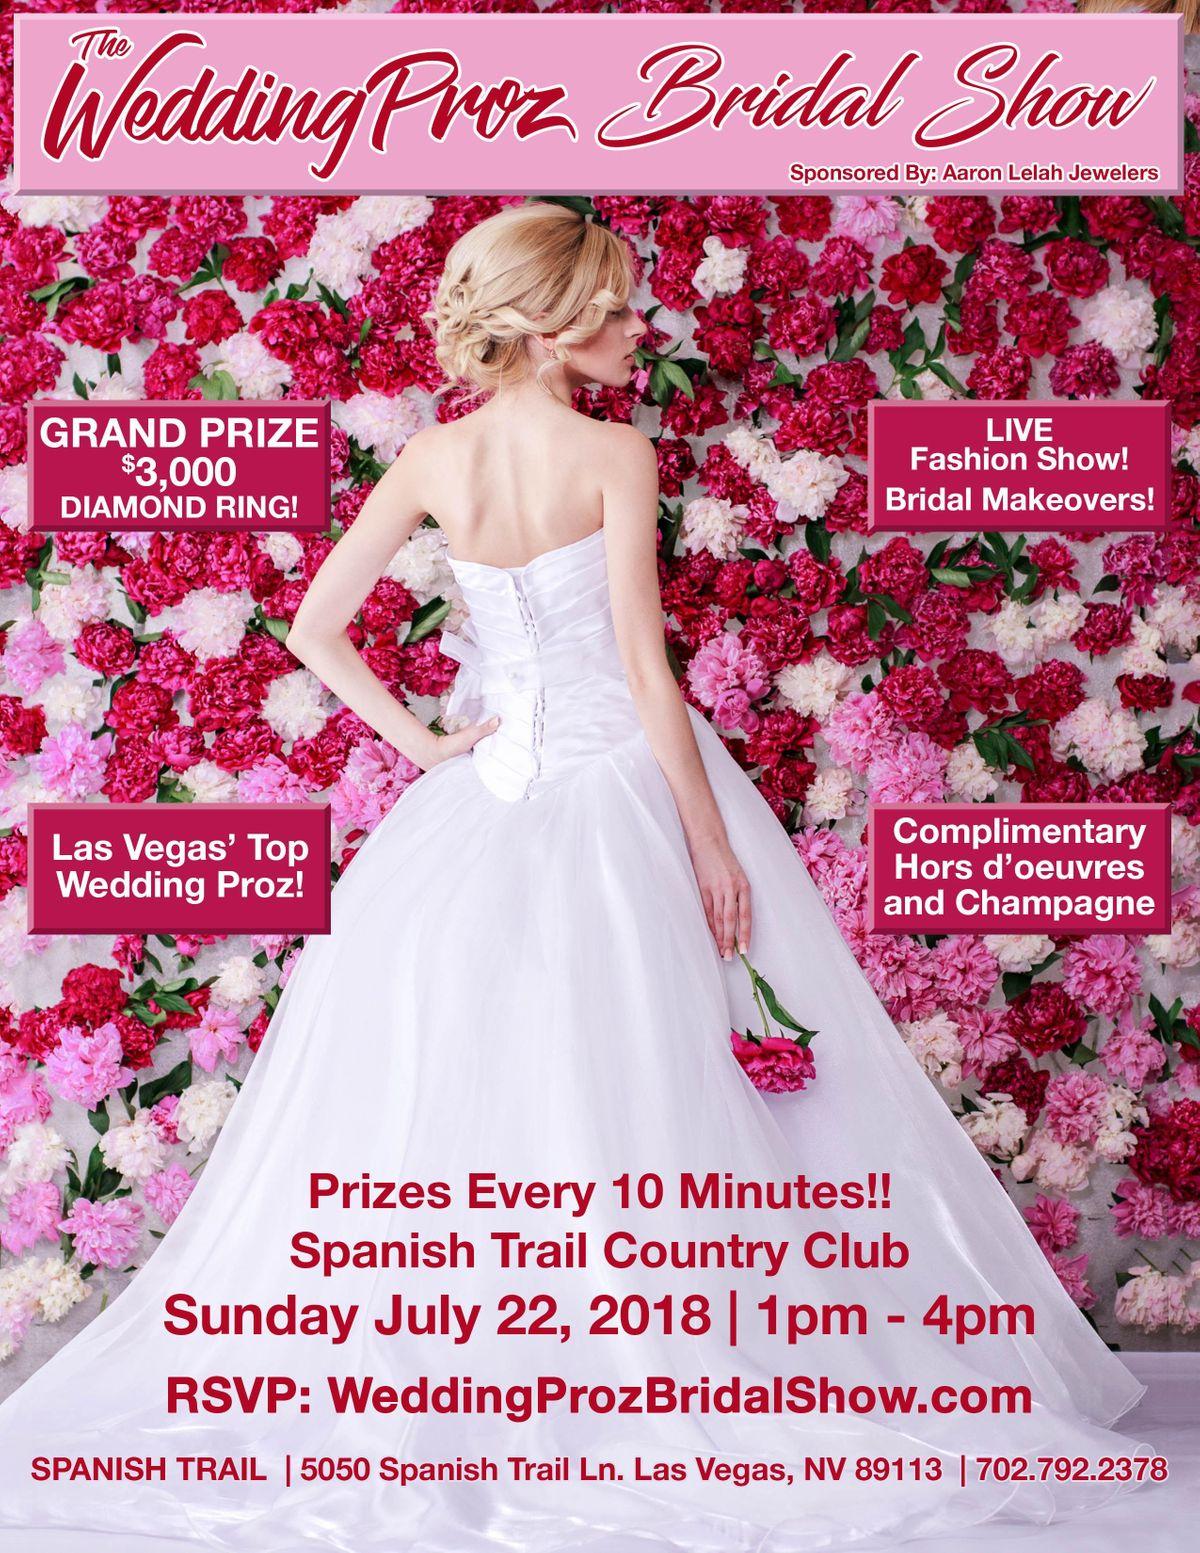 Wedding Proz Bridal Show at Spanish Trail Country Club, Las Vegas